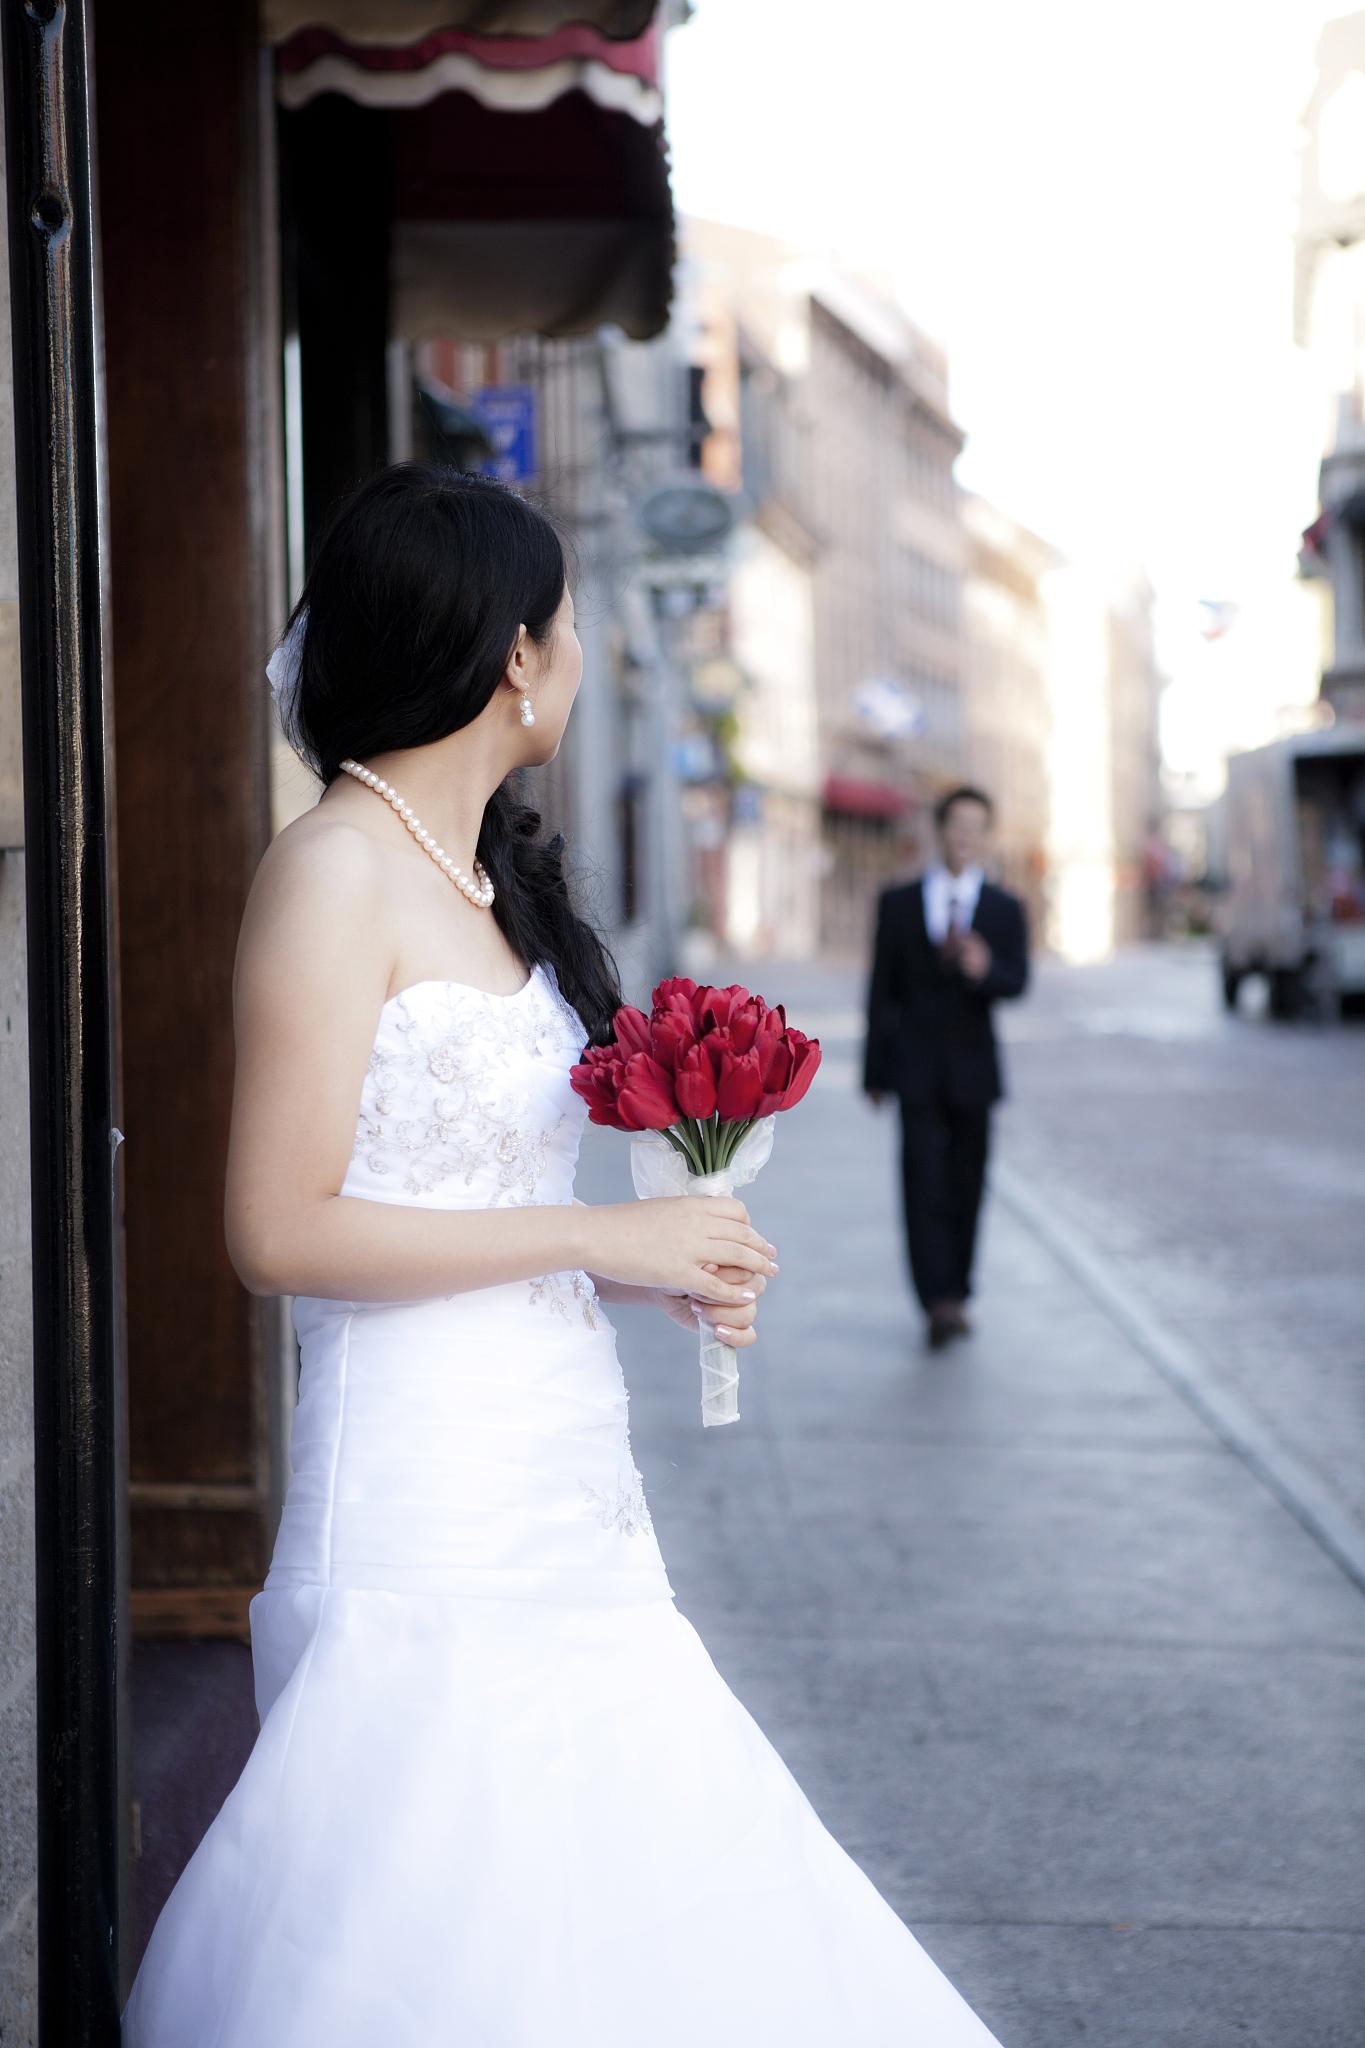 女命八字看有几次婚姻 女命八字怎么看婚姻的说法